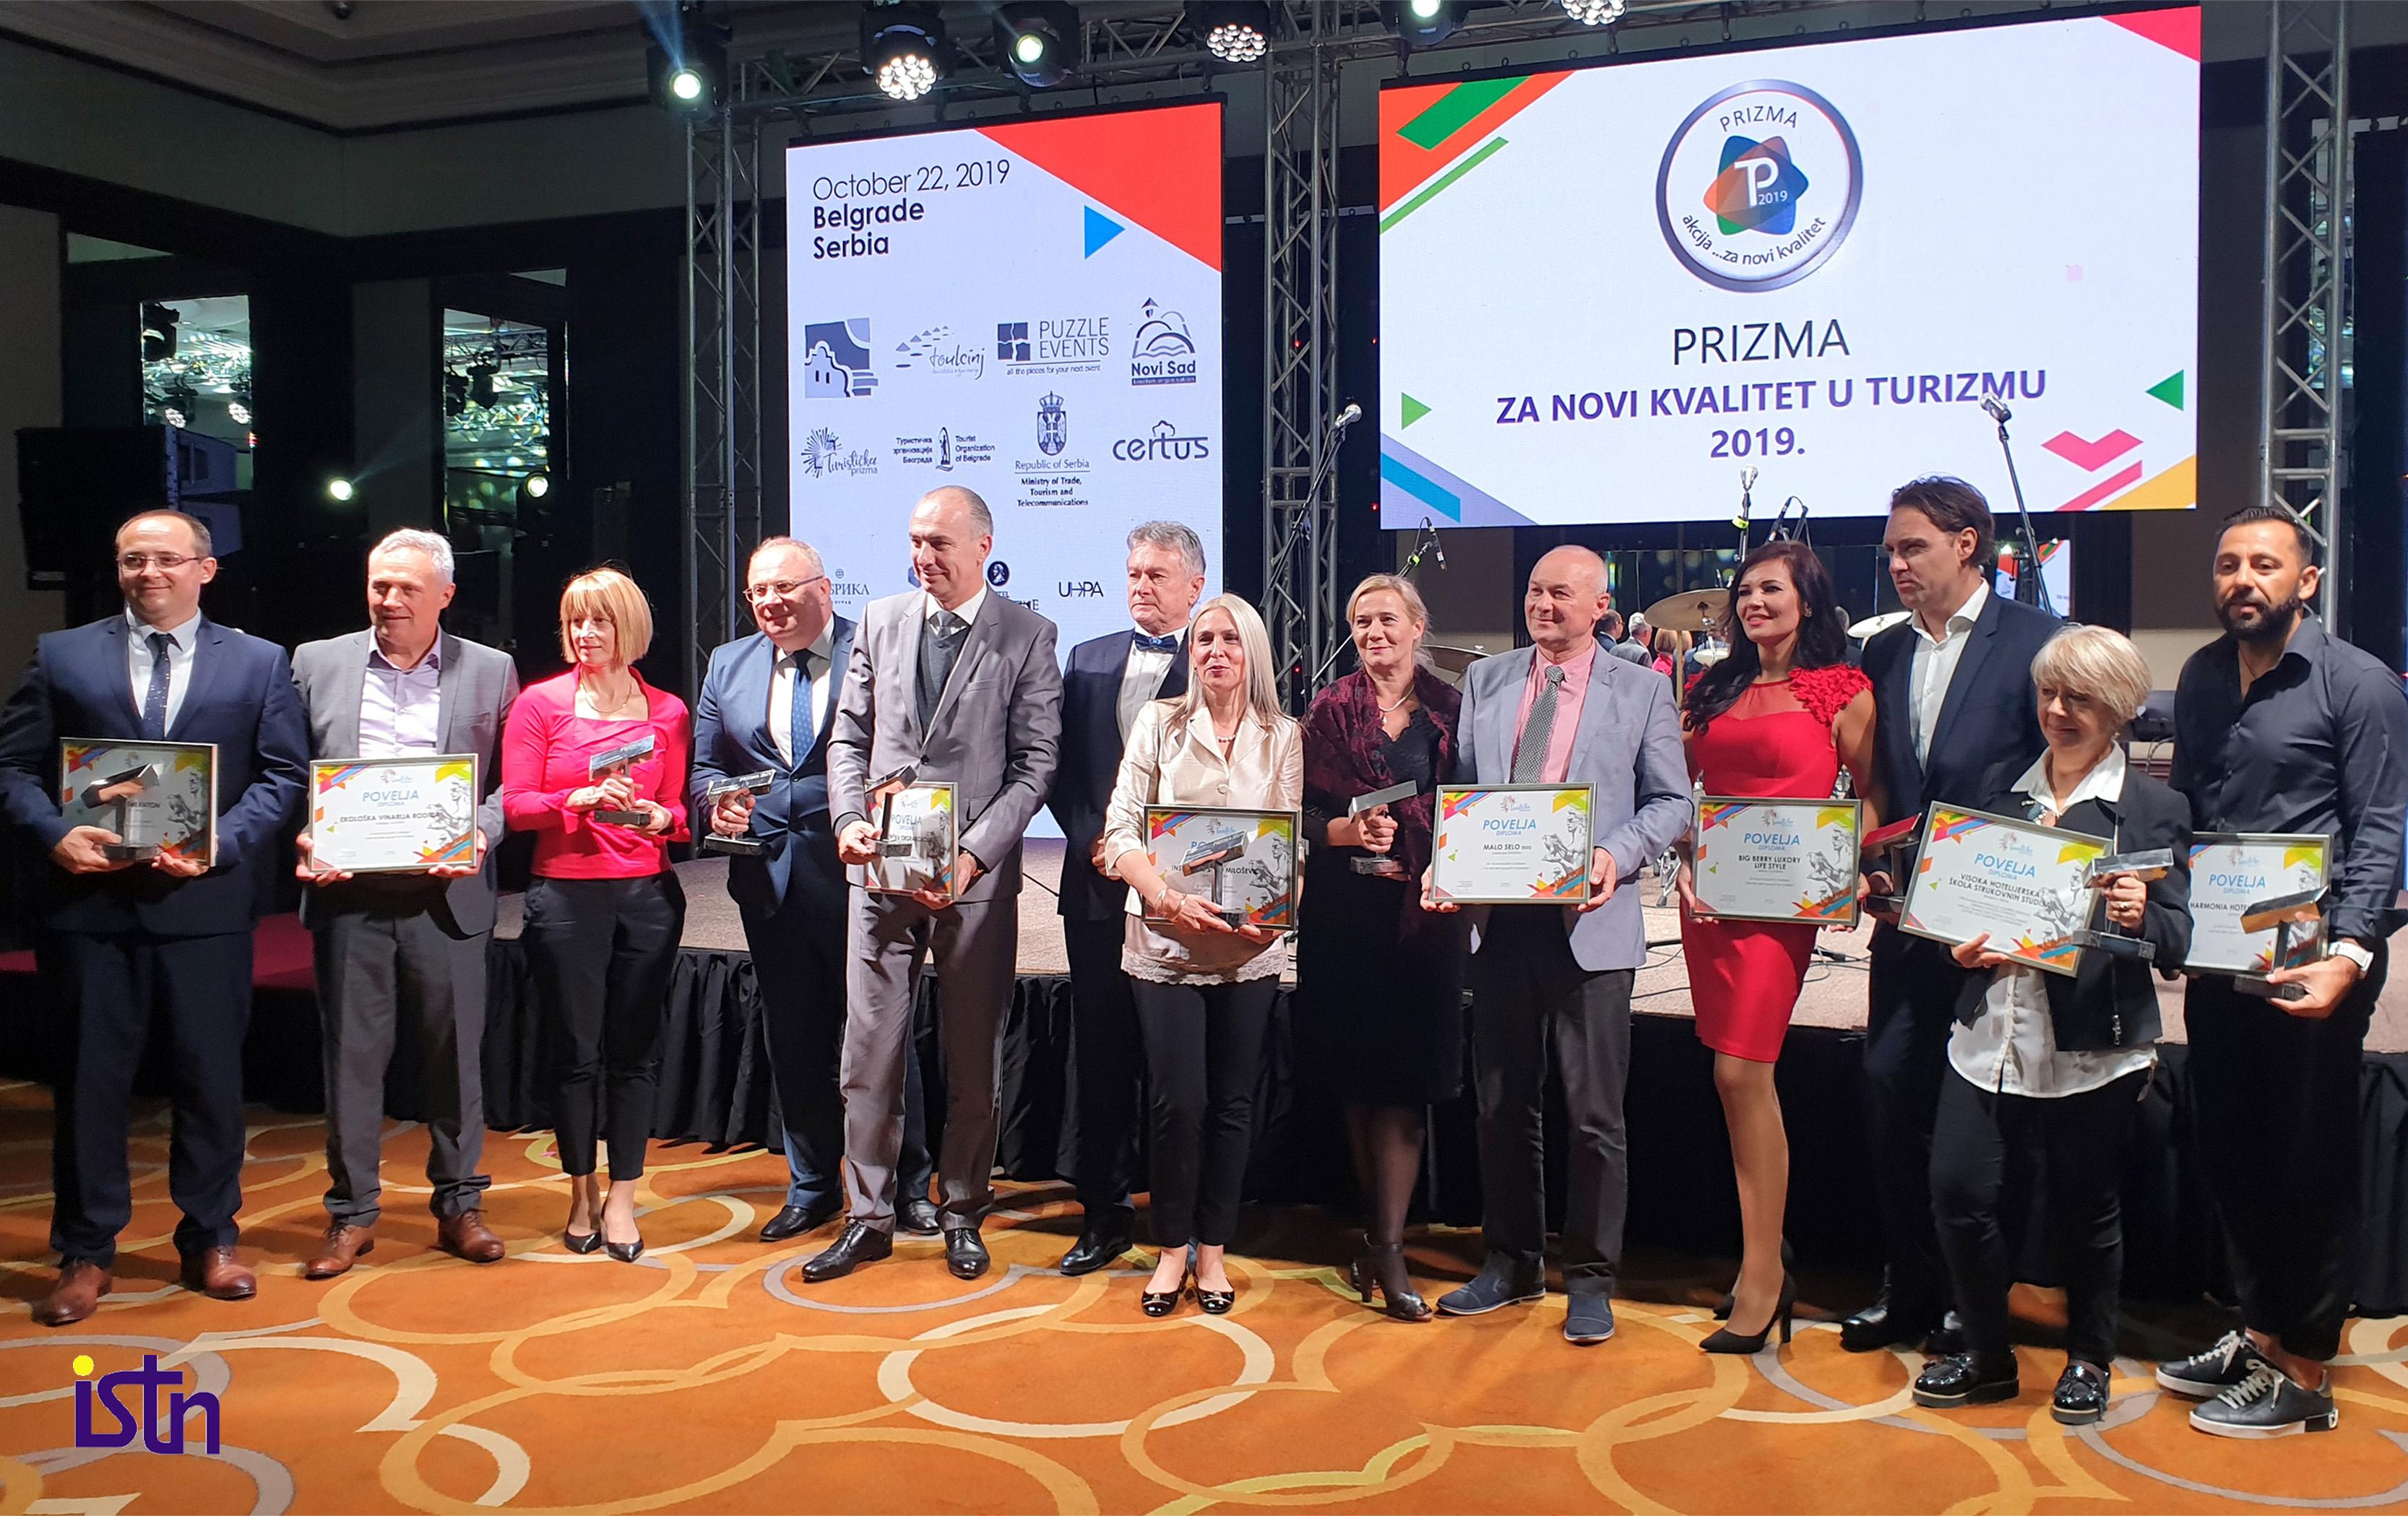 Dobitnici priznanja Turisticka prizma 2019, ISTN